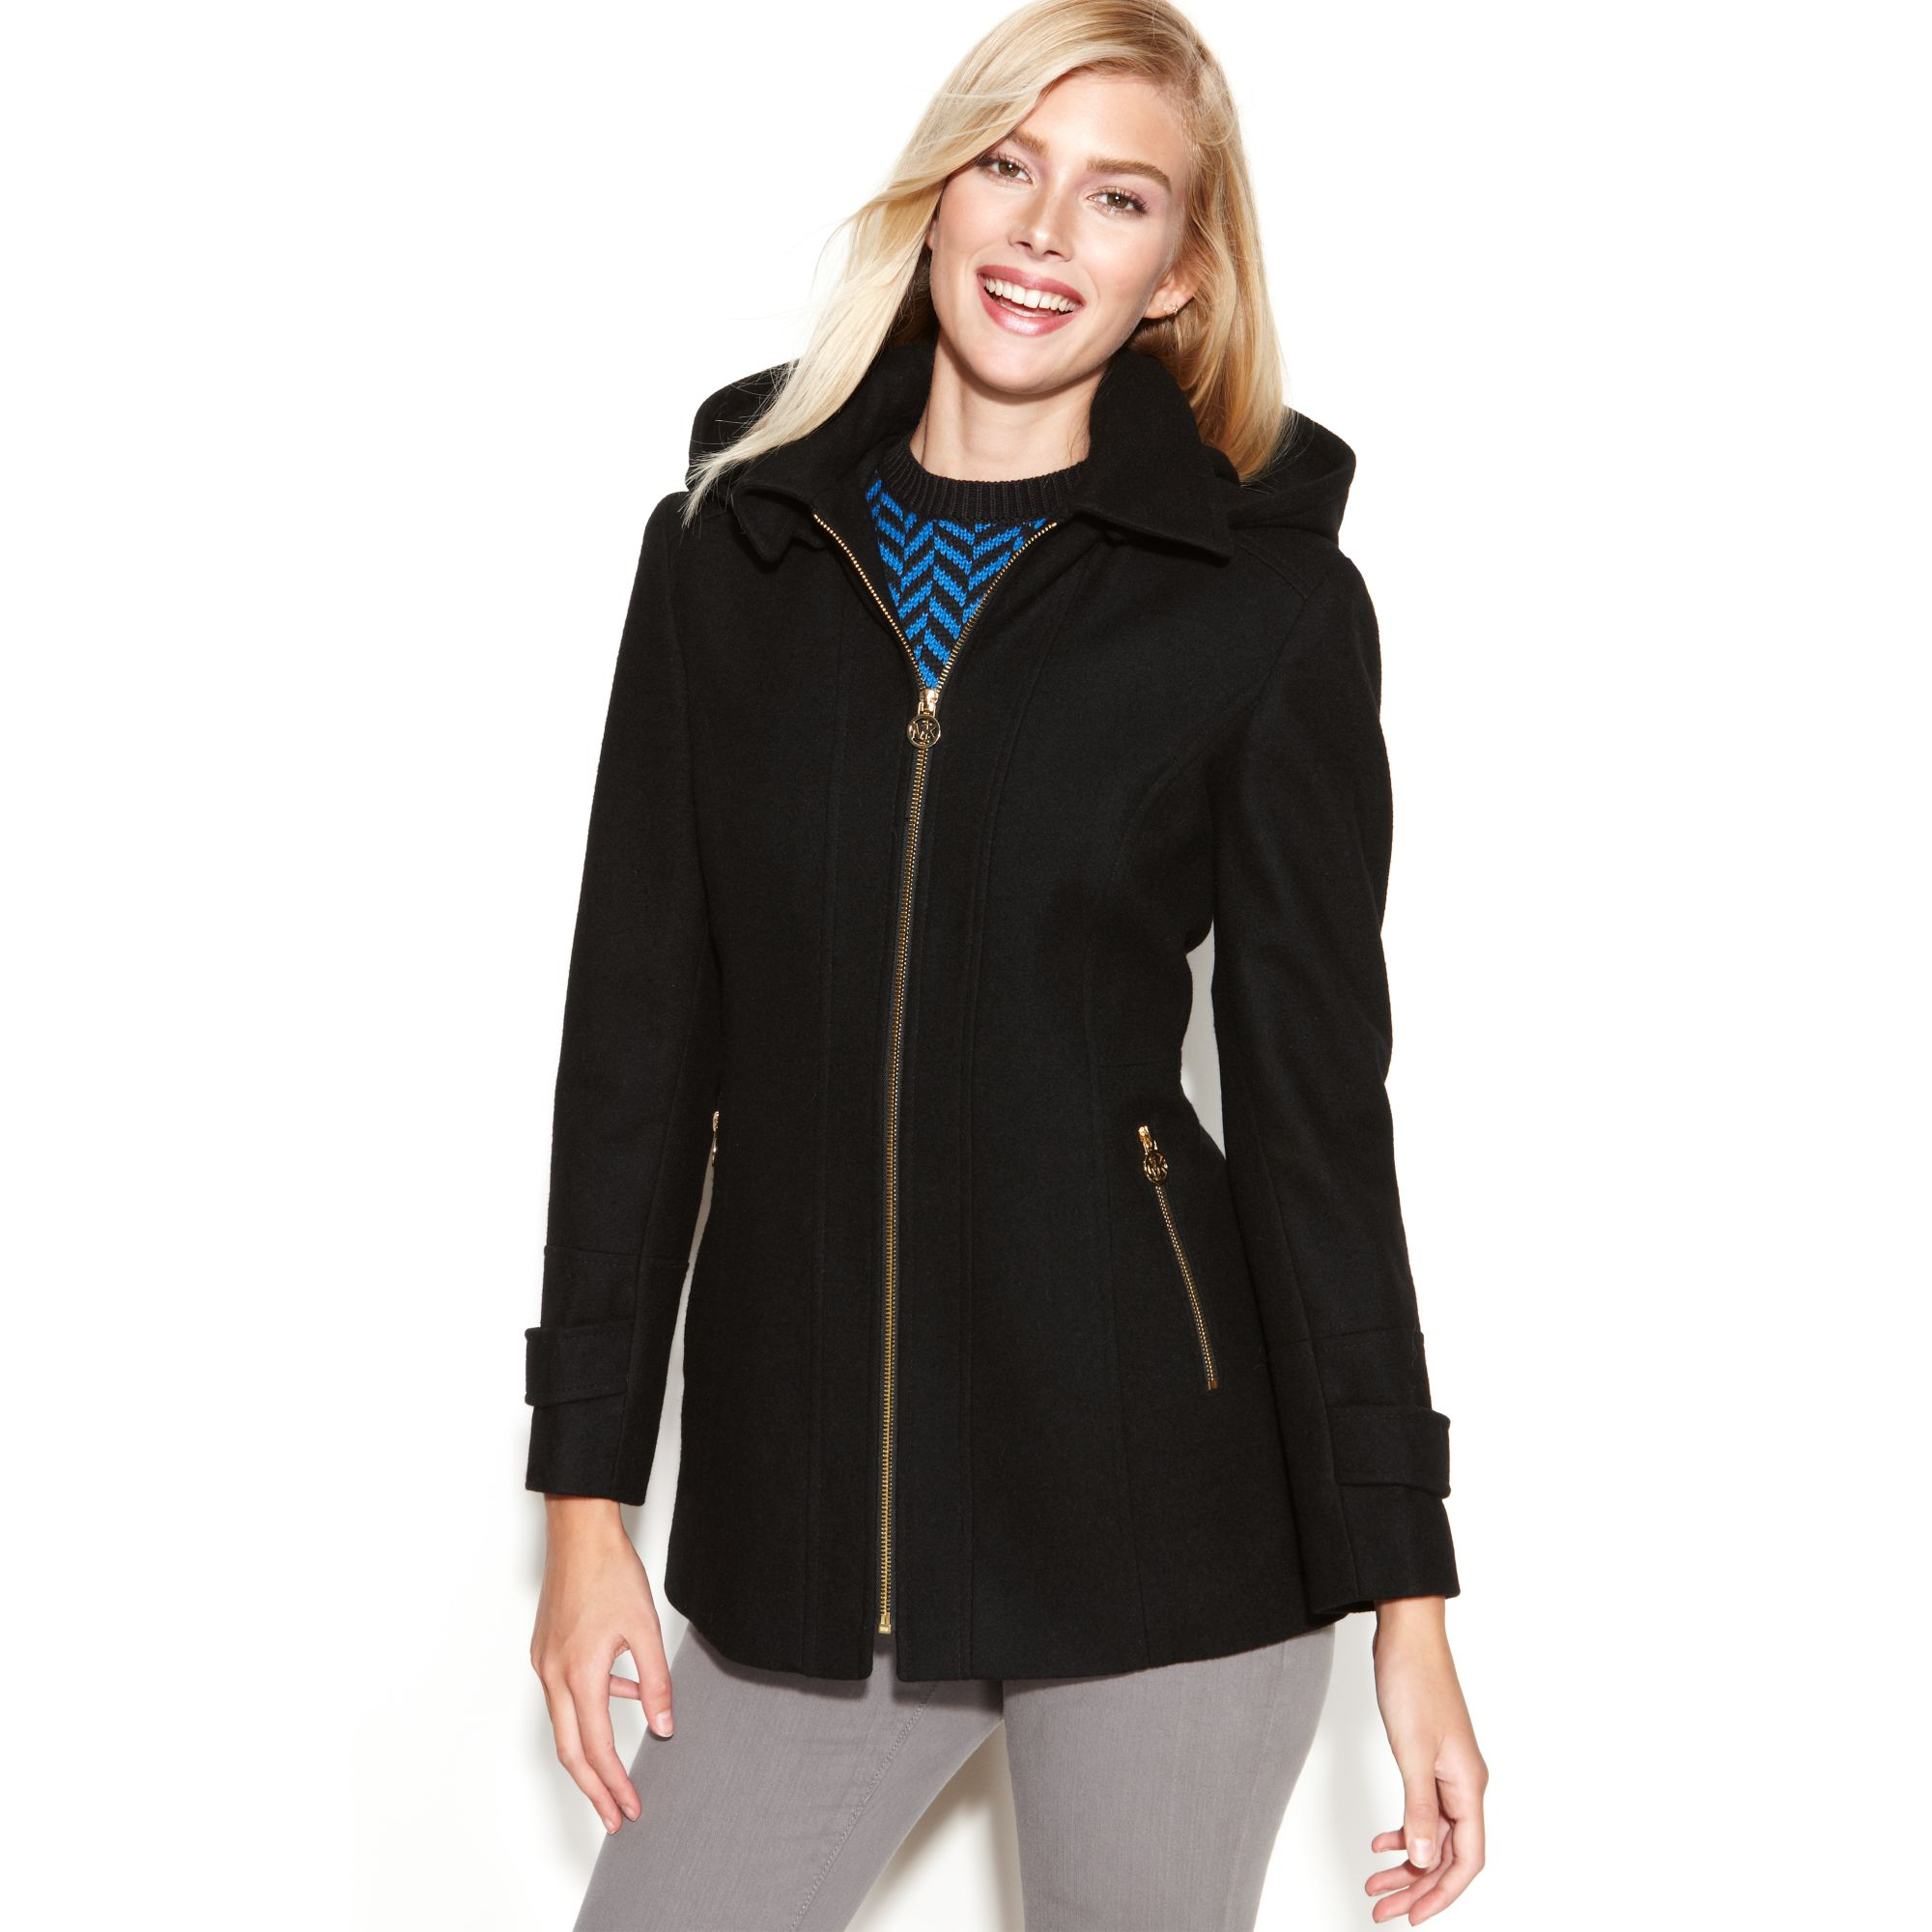 Lyst Michael Kors Hooded Zip Front Wool Blend In Black